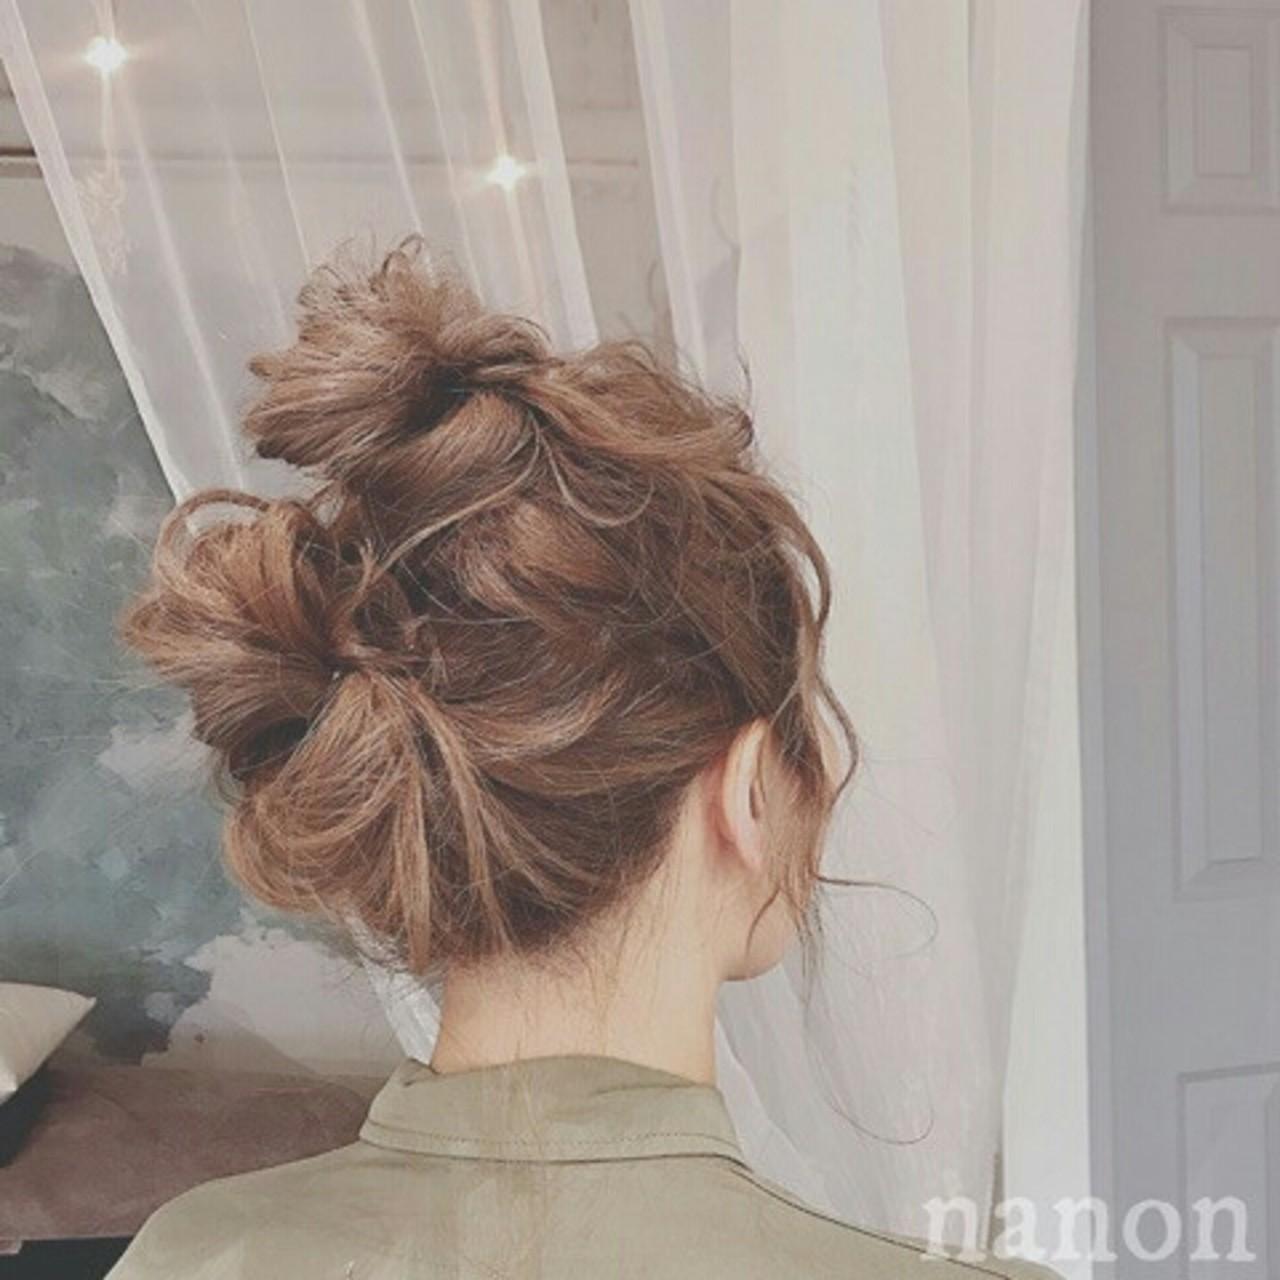 ショート ヘアアレンジ ロング グレージュ ヘアスタイルや髪型の写真・画像